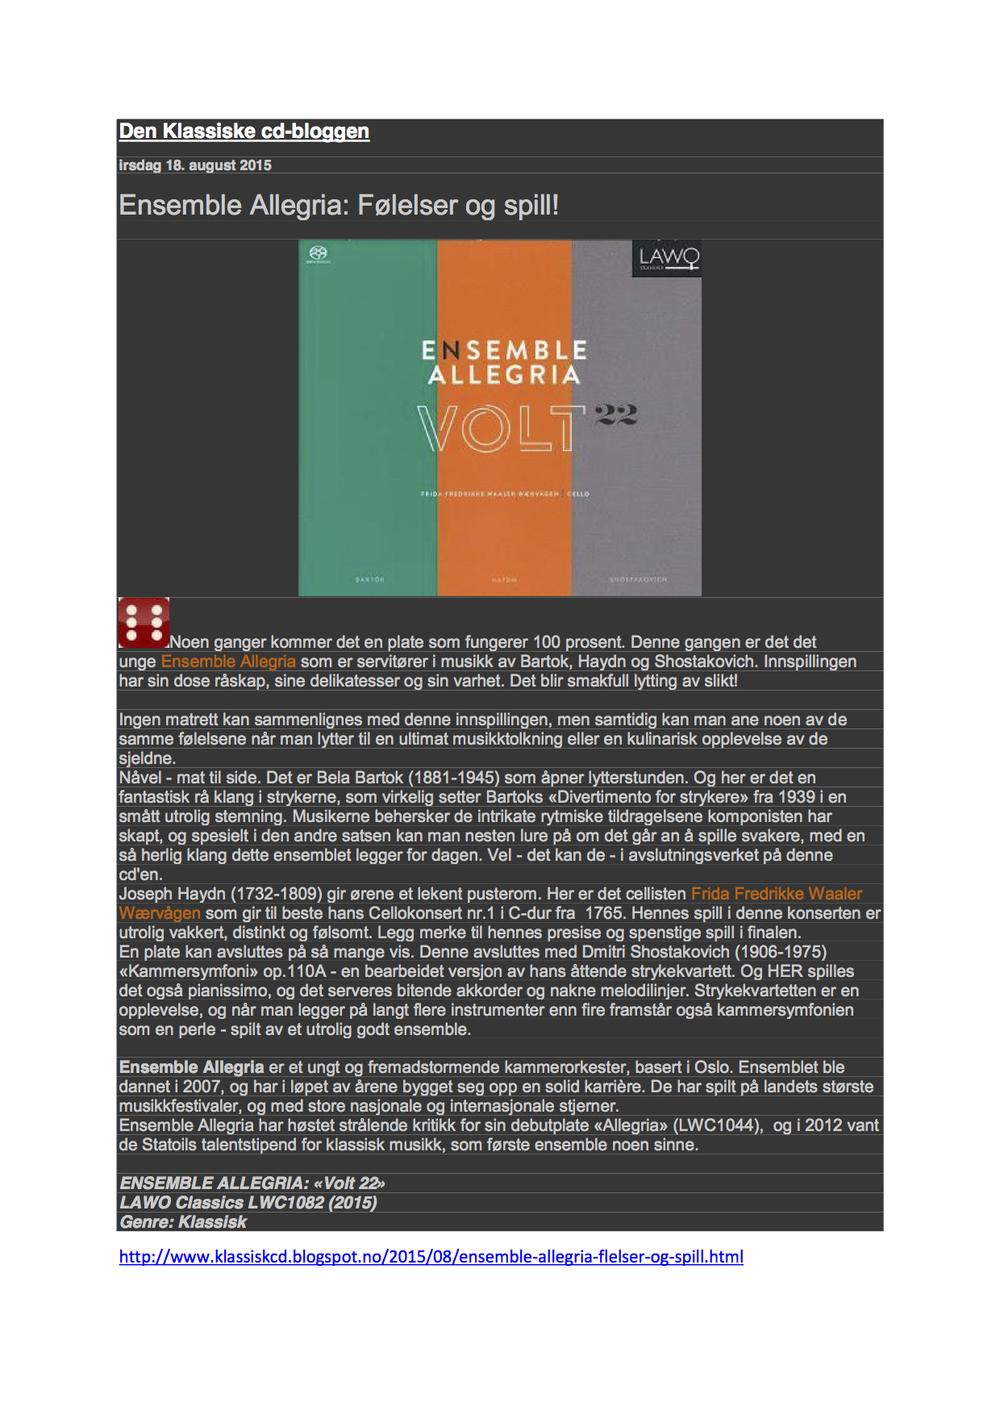 anmeldelseLWC1082_Den_Klassiske_cdbloggen (1).jpg